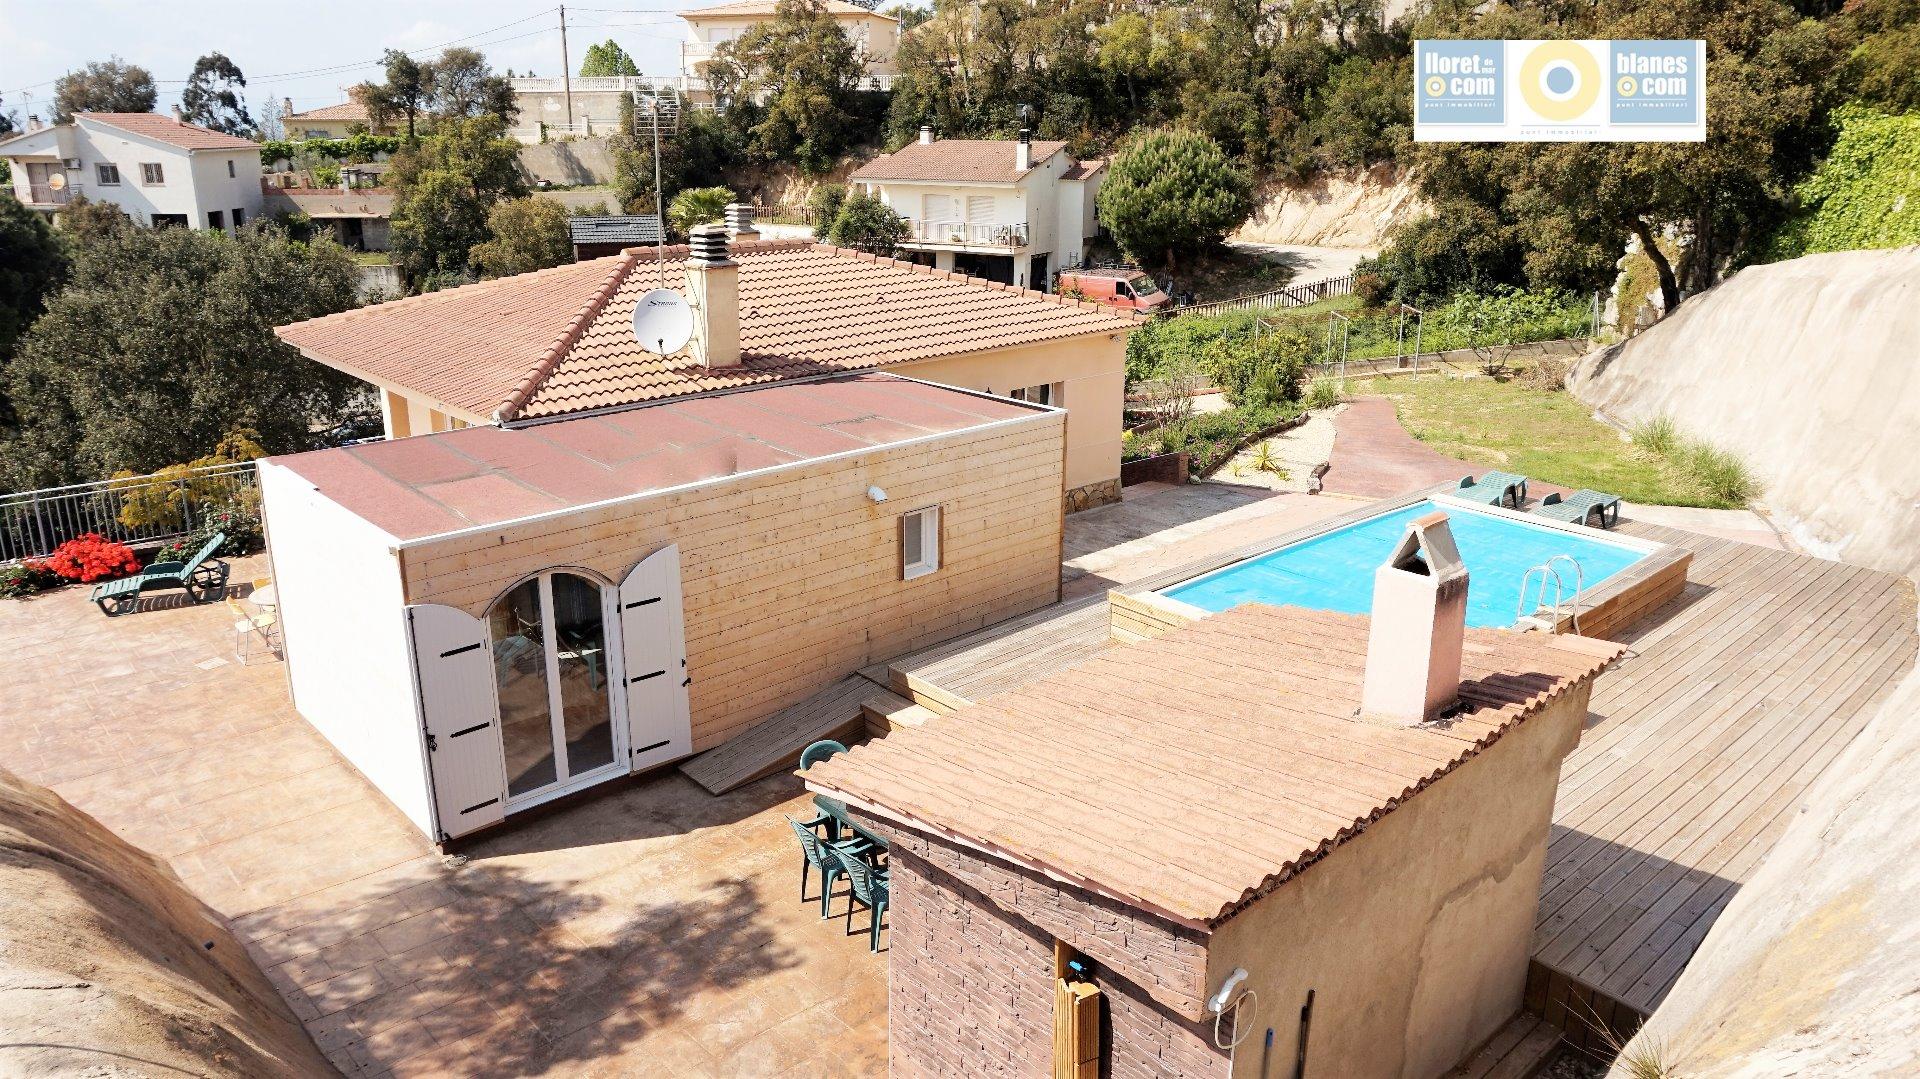 Alquiler Casa  Calle pollancre. Bonita y funcional casa de cuatro dormitorios y despejadas vista